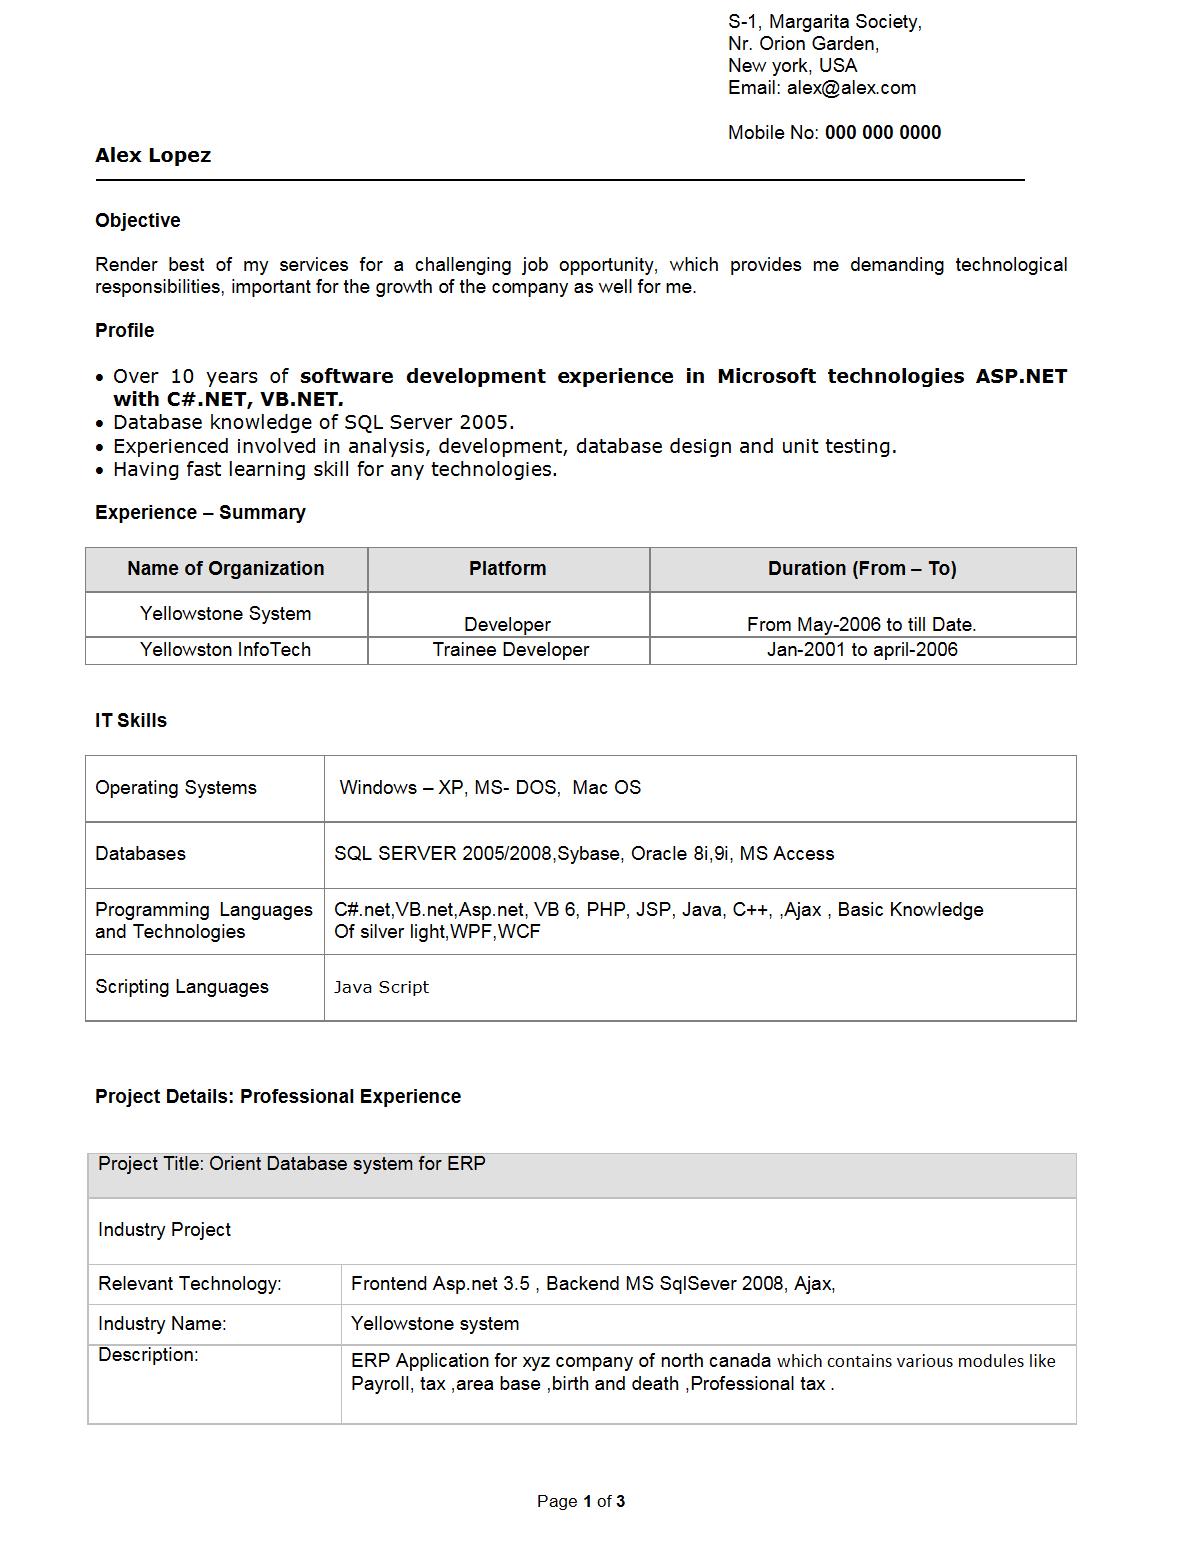 software developer resume format